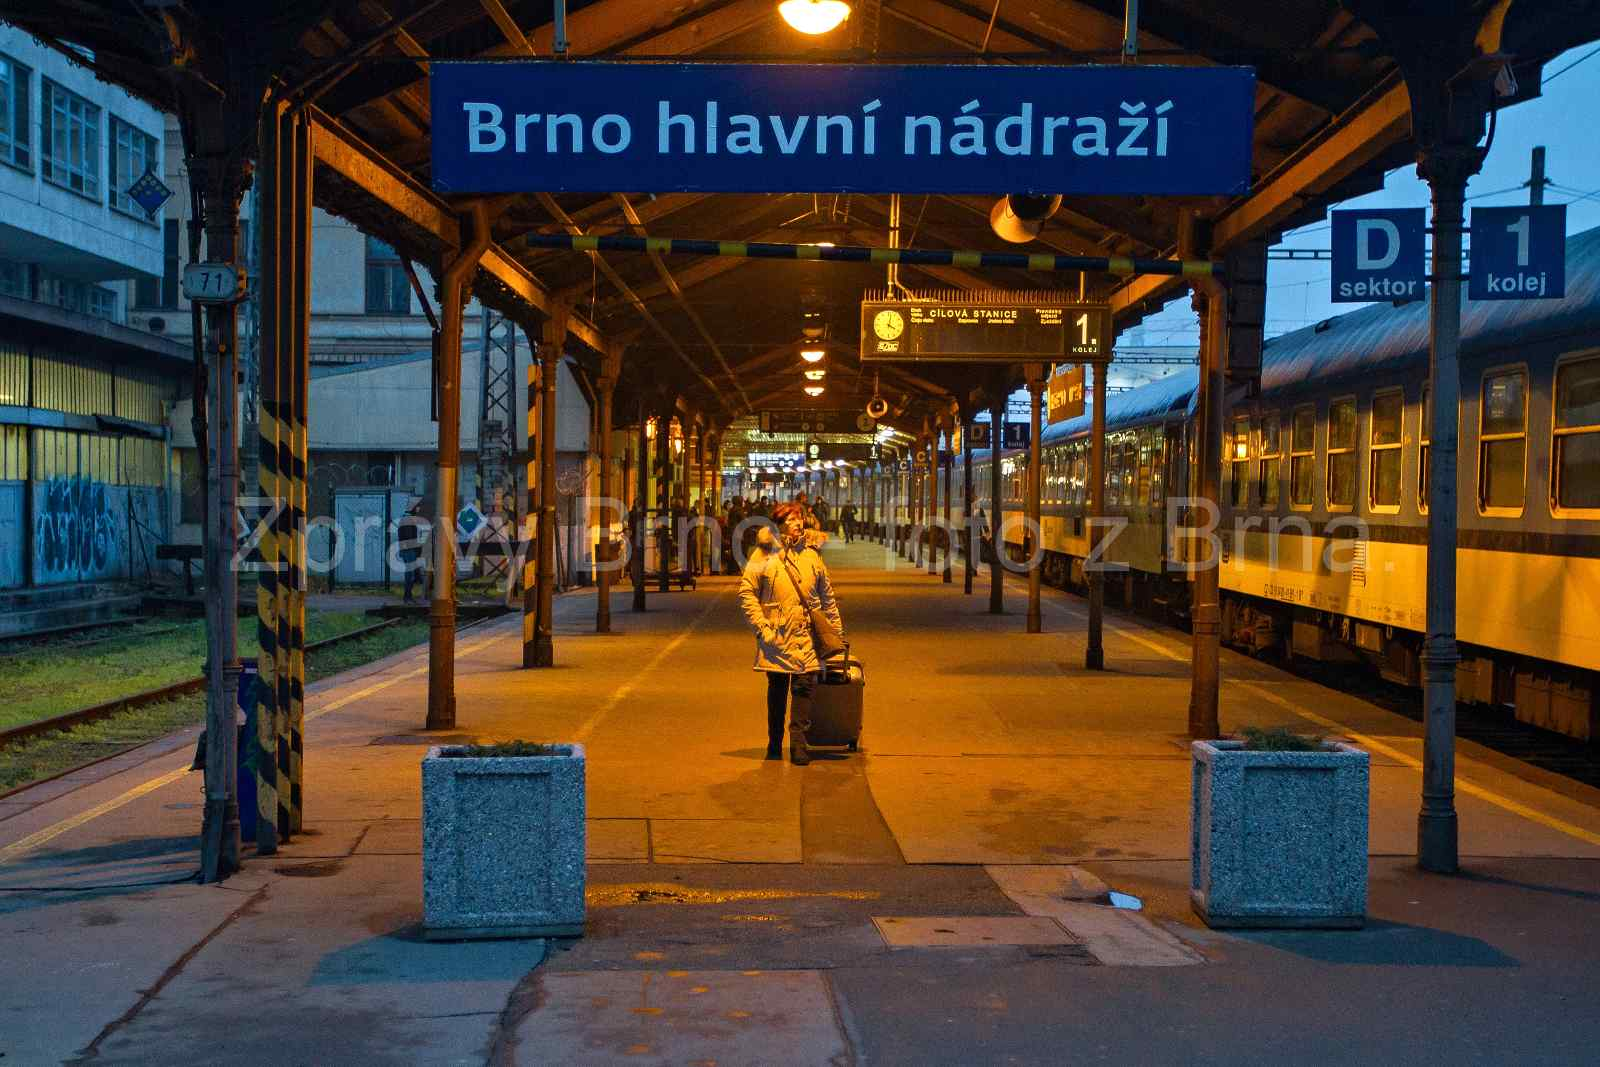 Brno hlavní nádraží